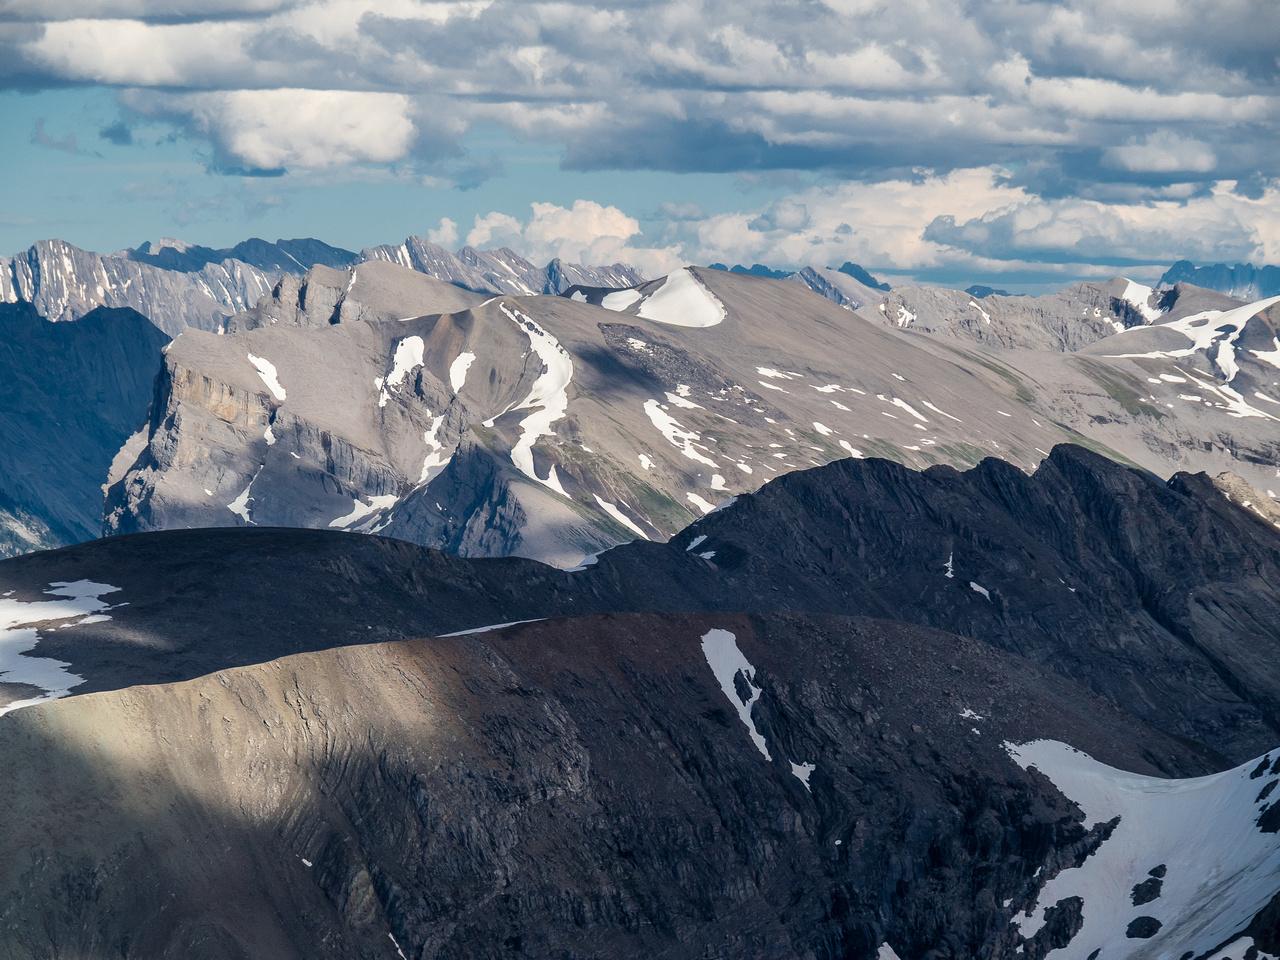 Cautley Mountain with Cascade and Gibraltar Rock.